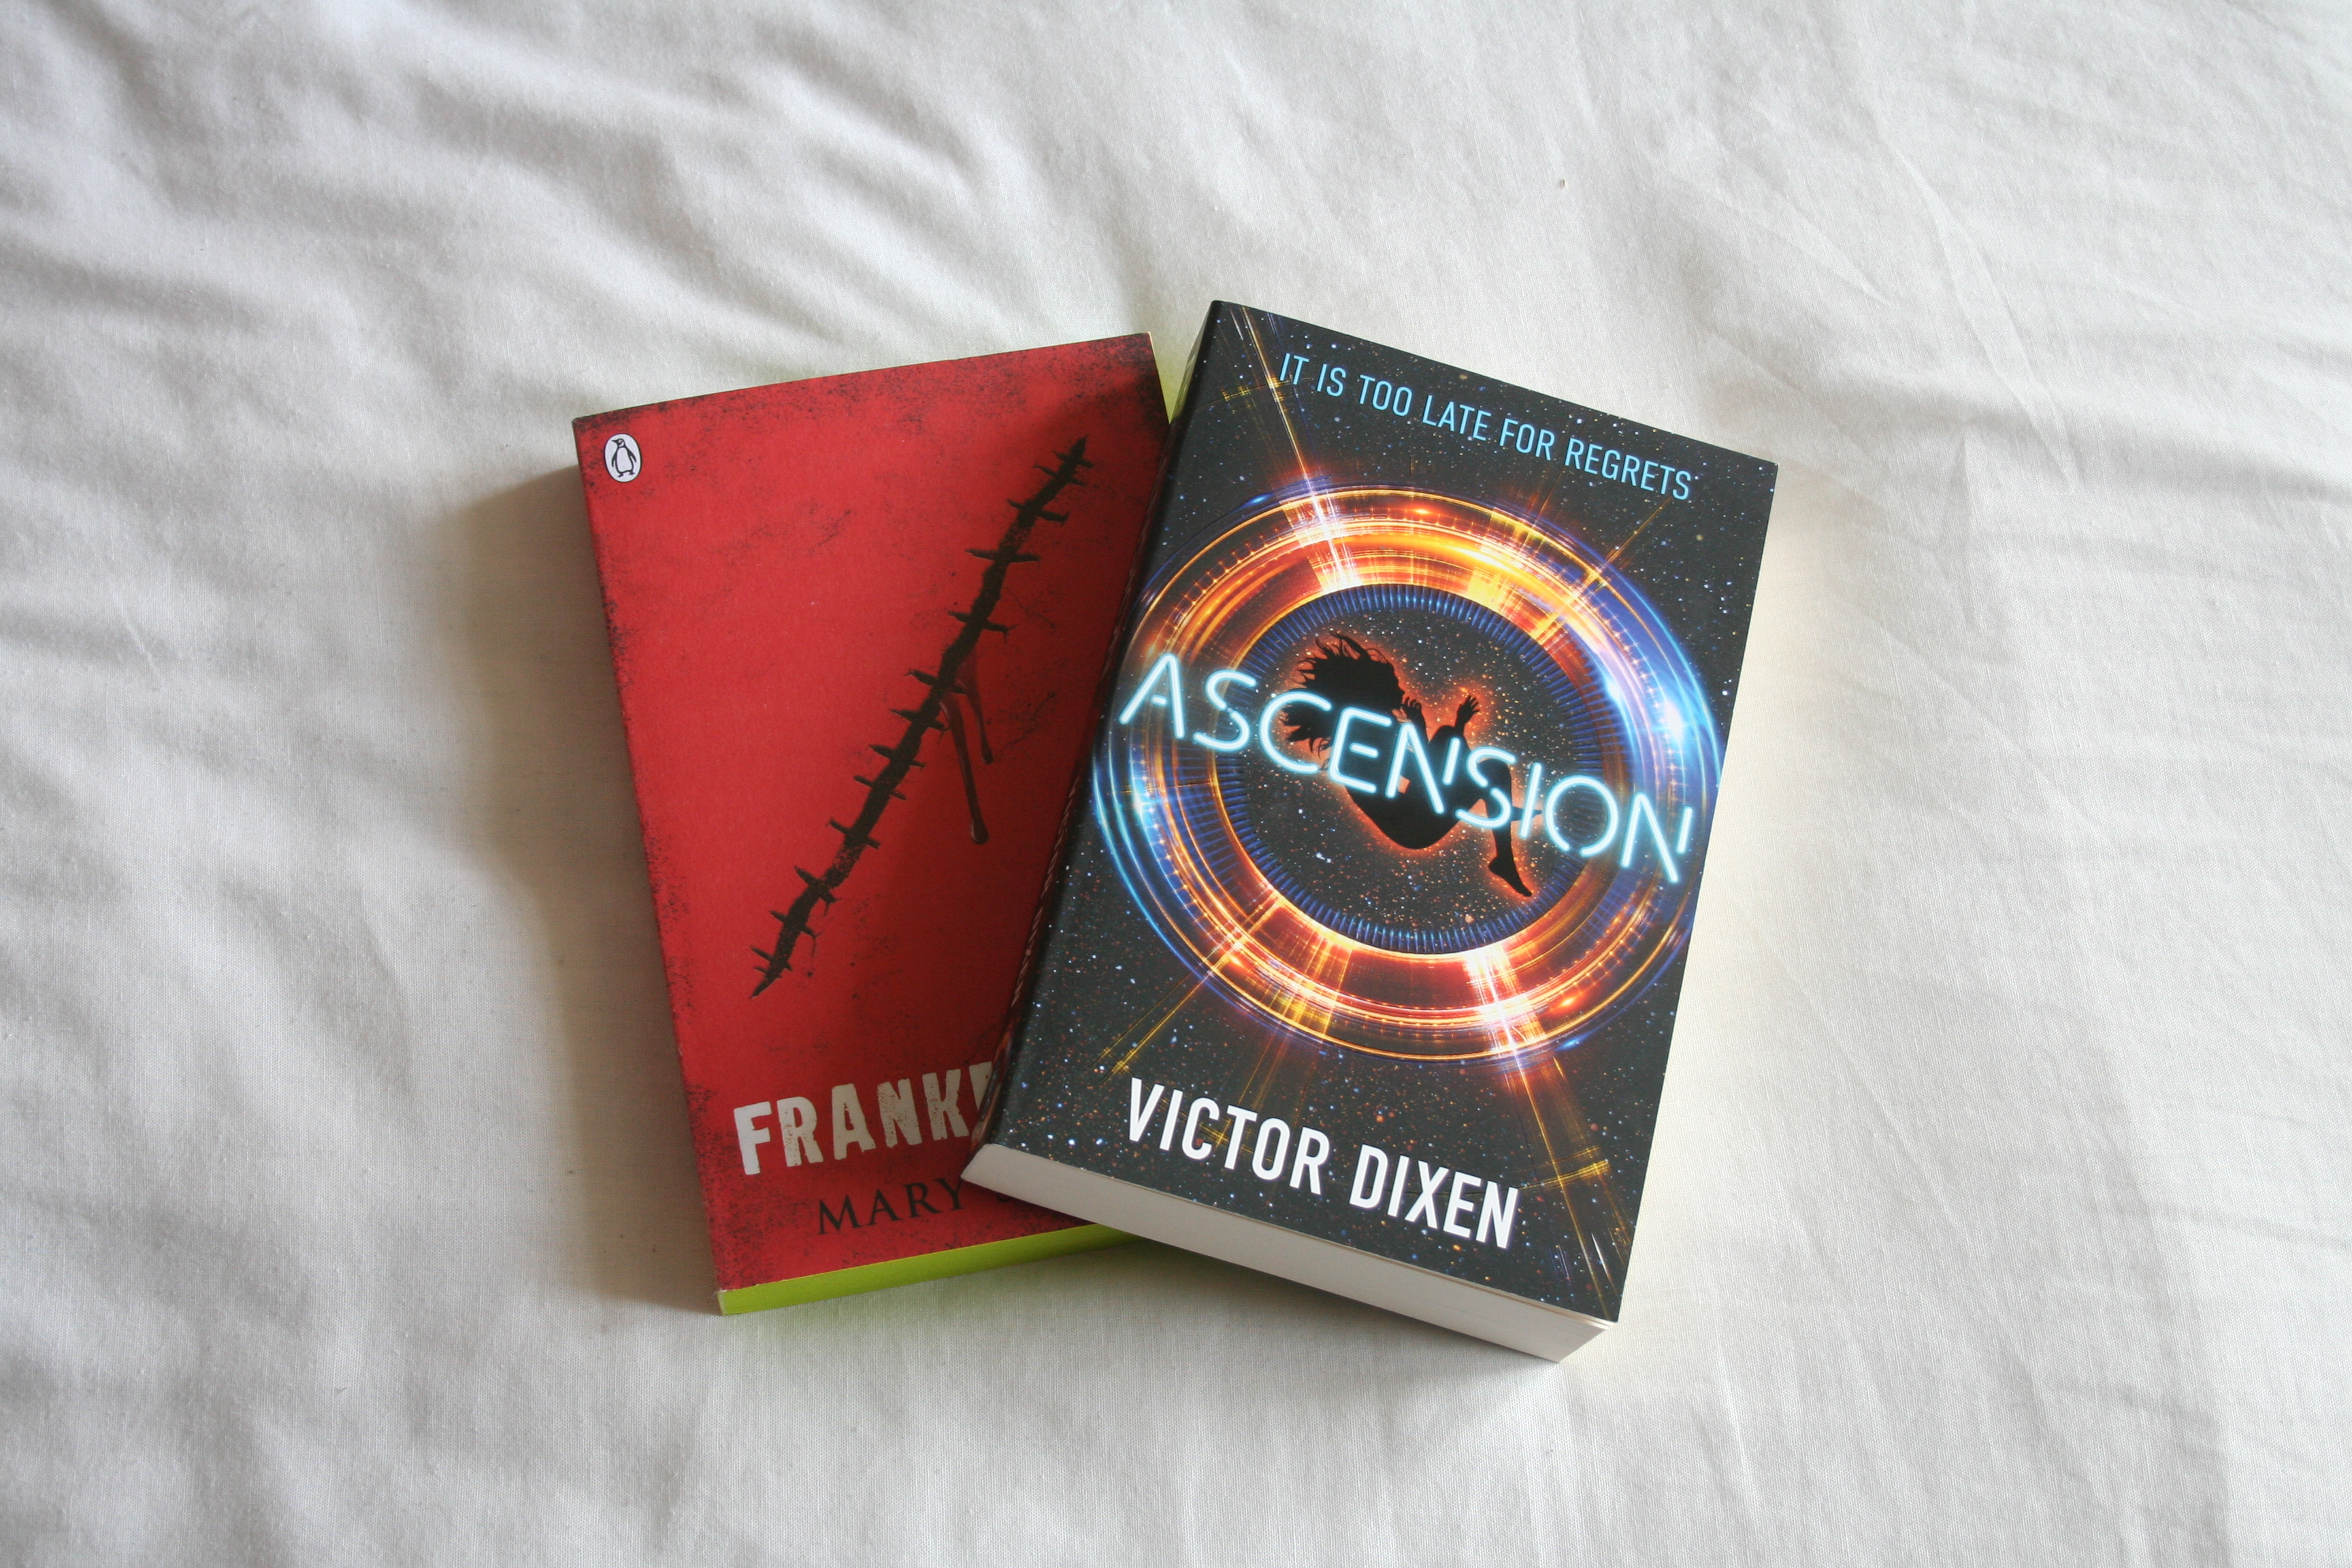 frankenstein and ascension